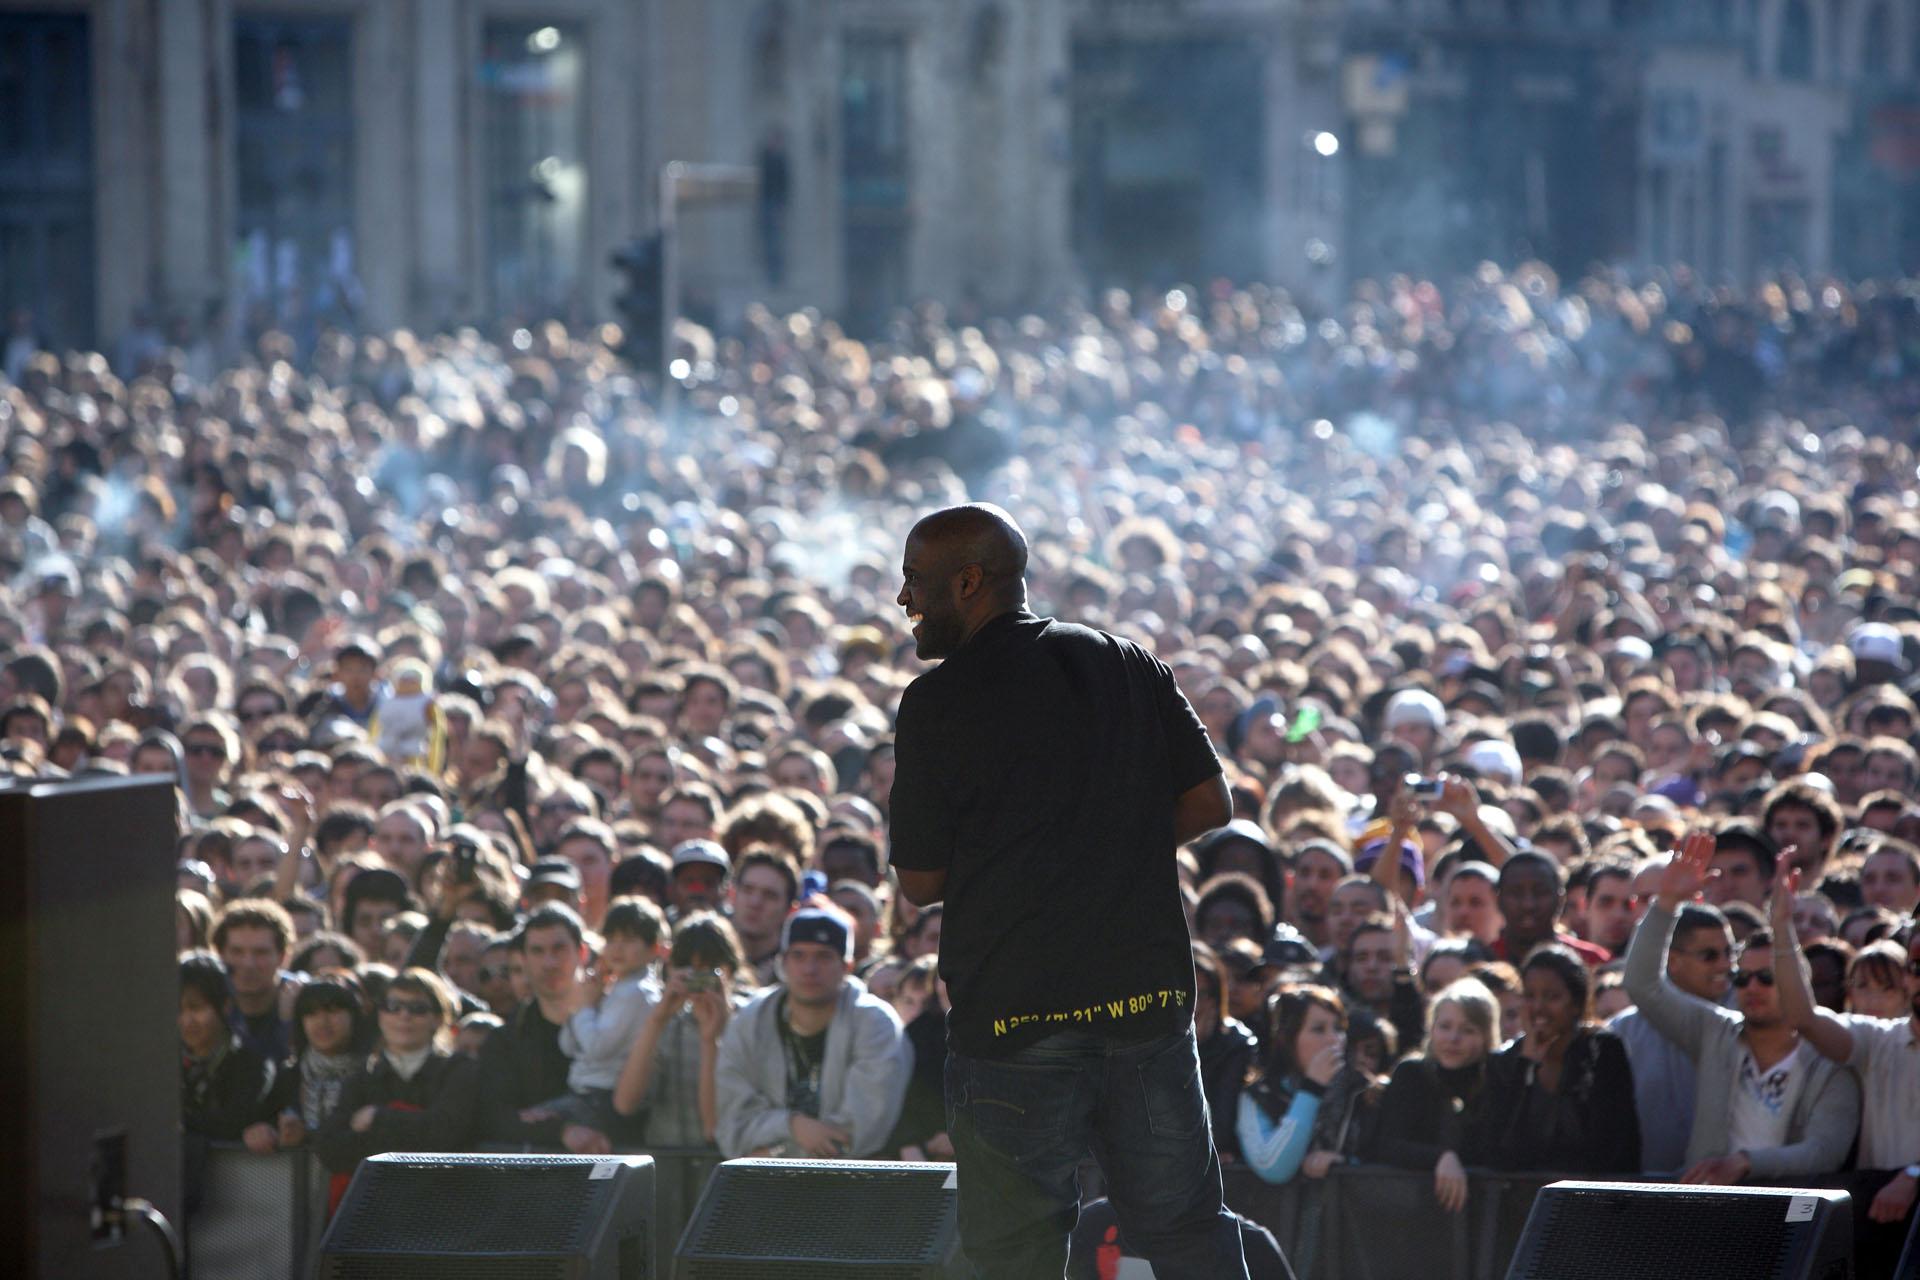 De La Soul - Street Day 2010